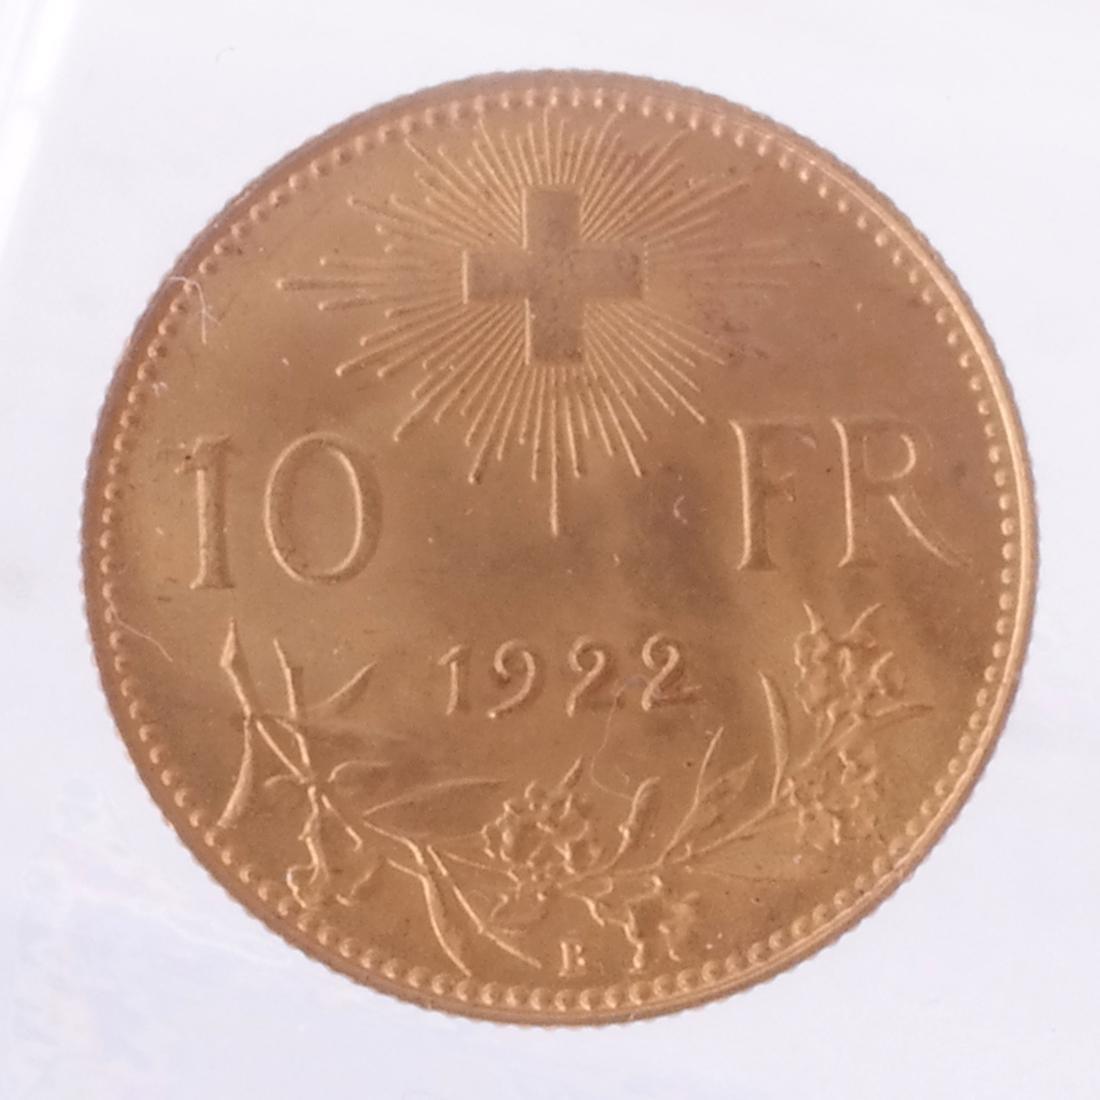 1915-B 10 Francs Swiss Gold - 2